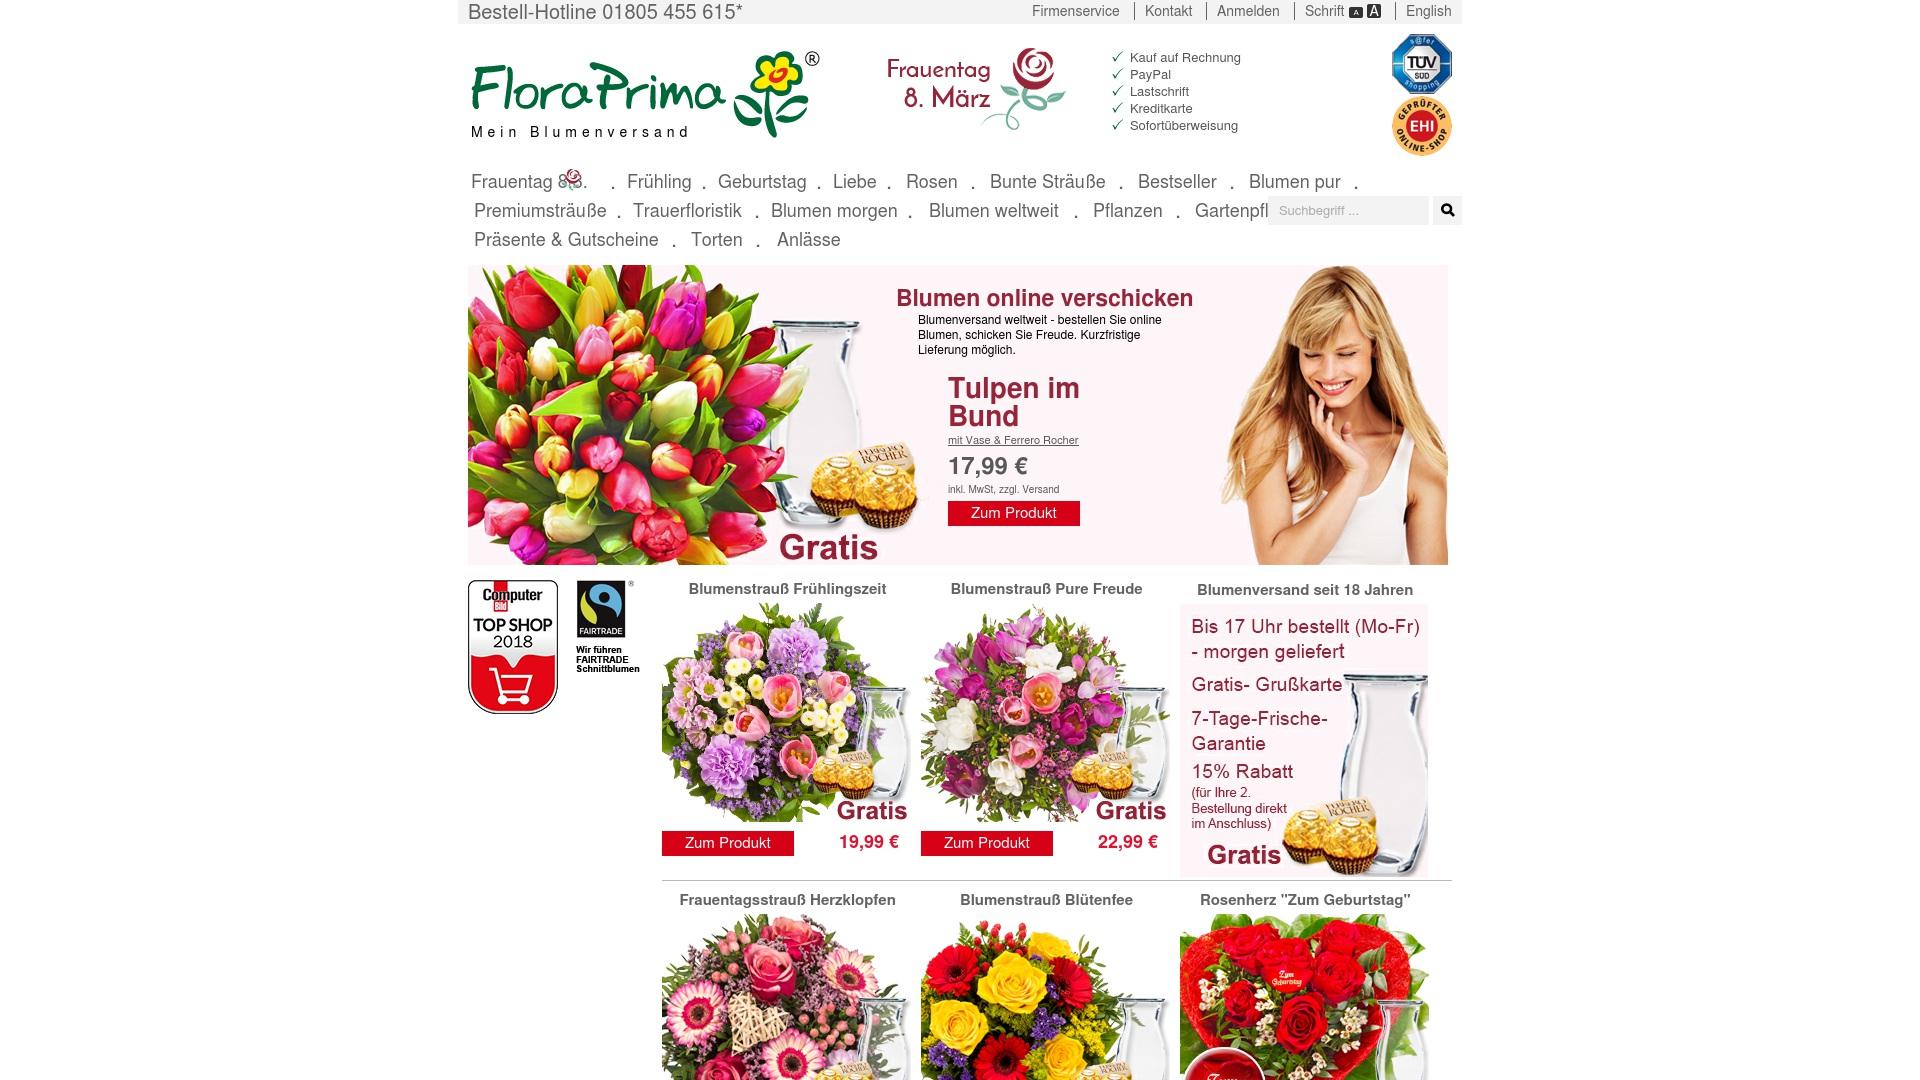 Geld zurück bei Floraprima: Jetzt im Oktober 2021 Cashback für Floraprima sichern